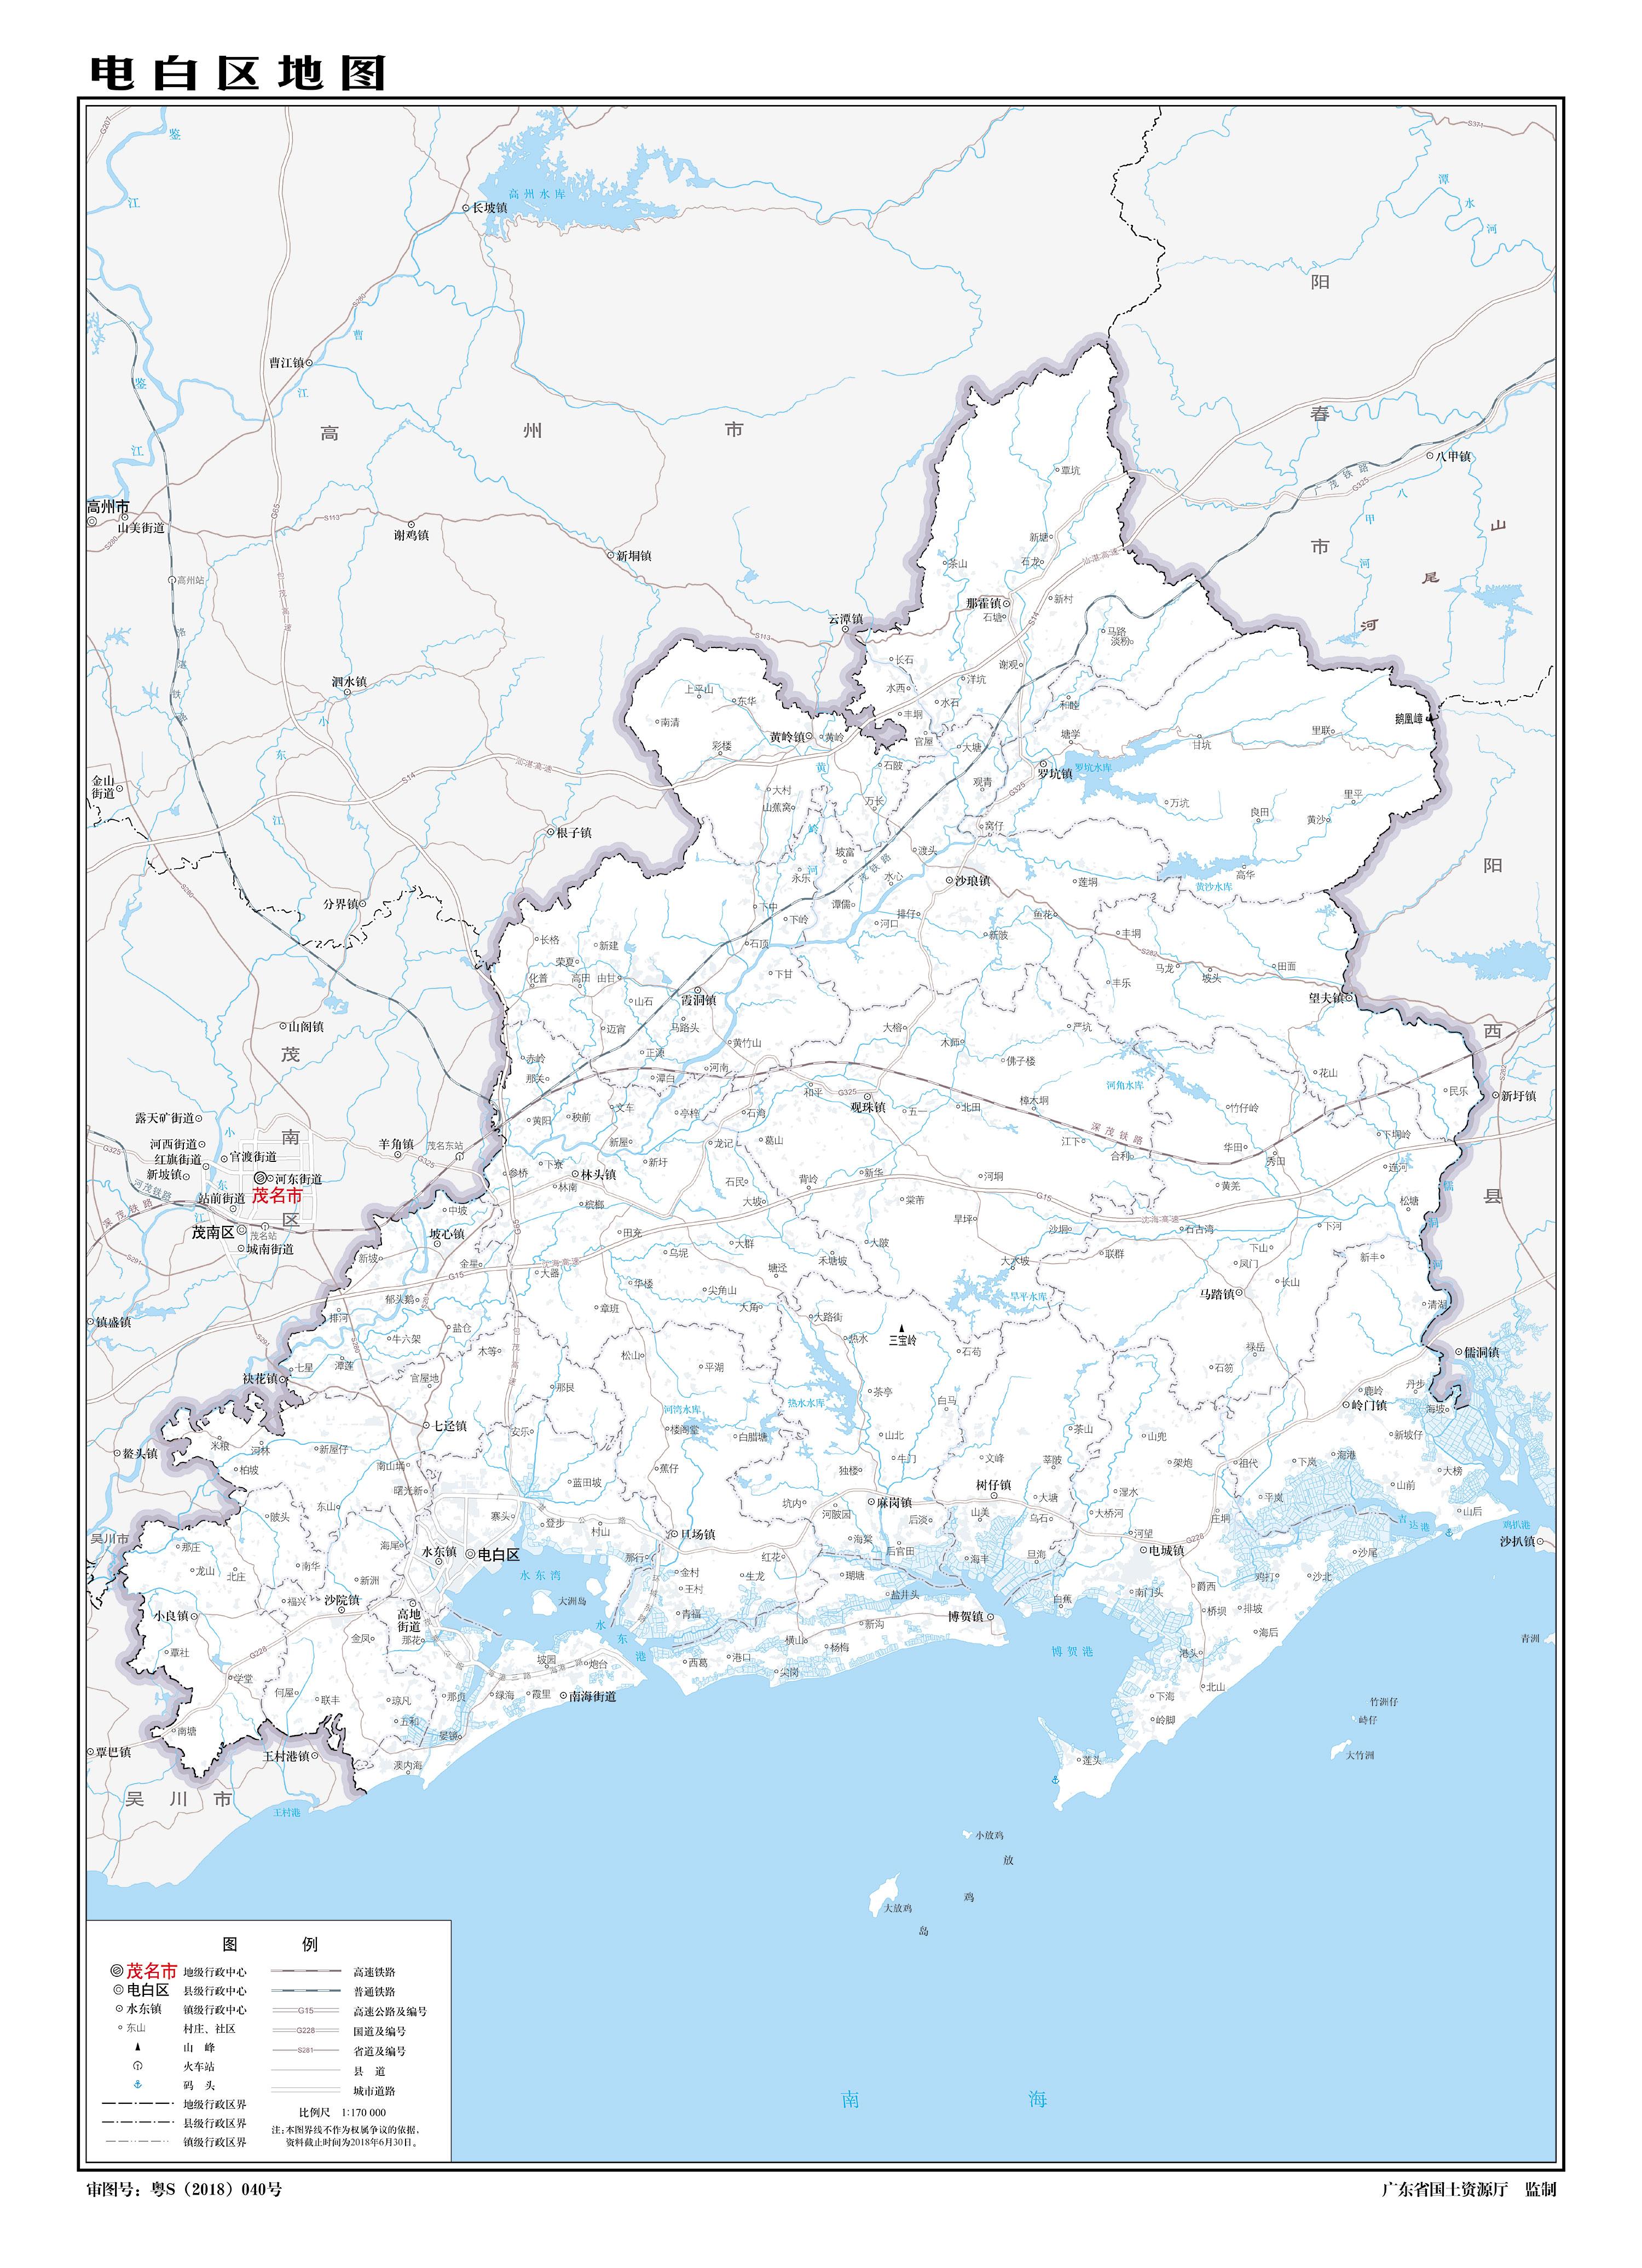 茂名市电白区人均gdp_茂名 GDP总量最大的是电白区,不得不承认事实